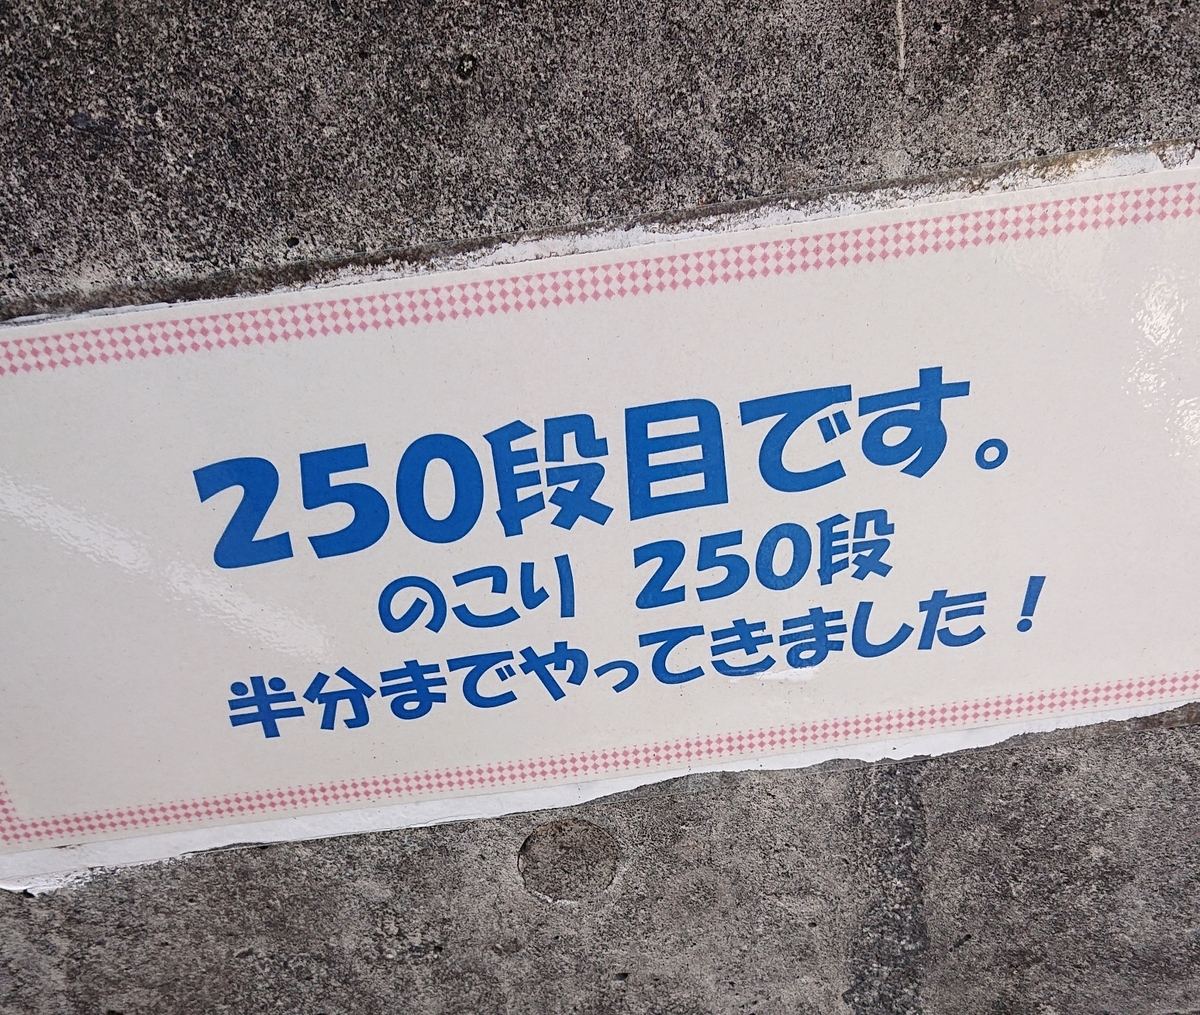 f:id:miyuki_medaka:20190419012710j:plain